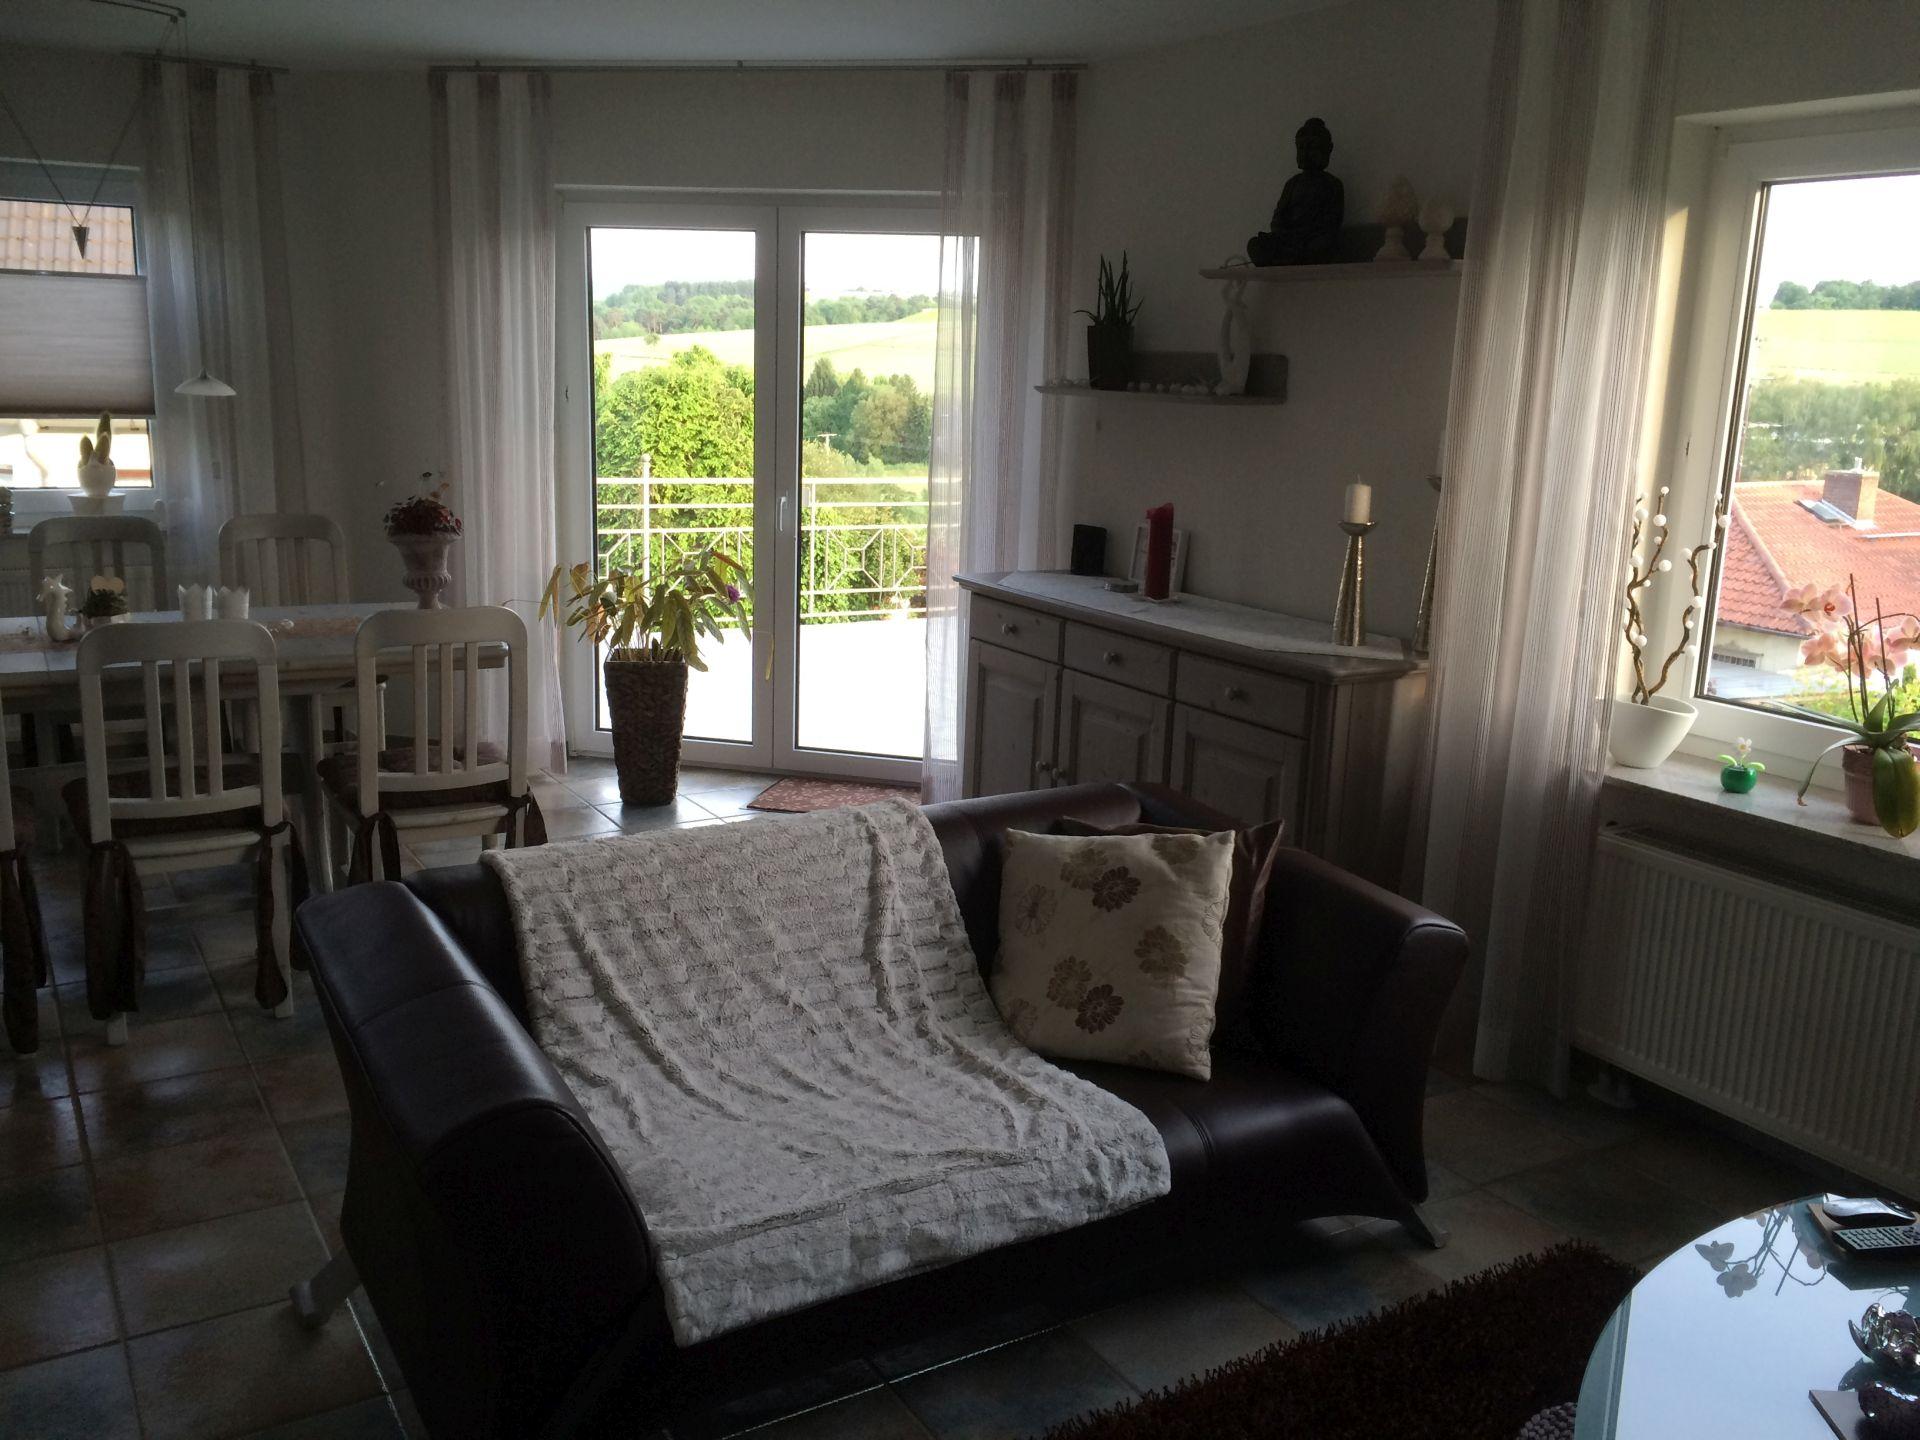 Fi Wohn- u. Esszimmer m. Blick Balkon 1